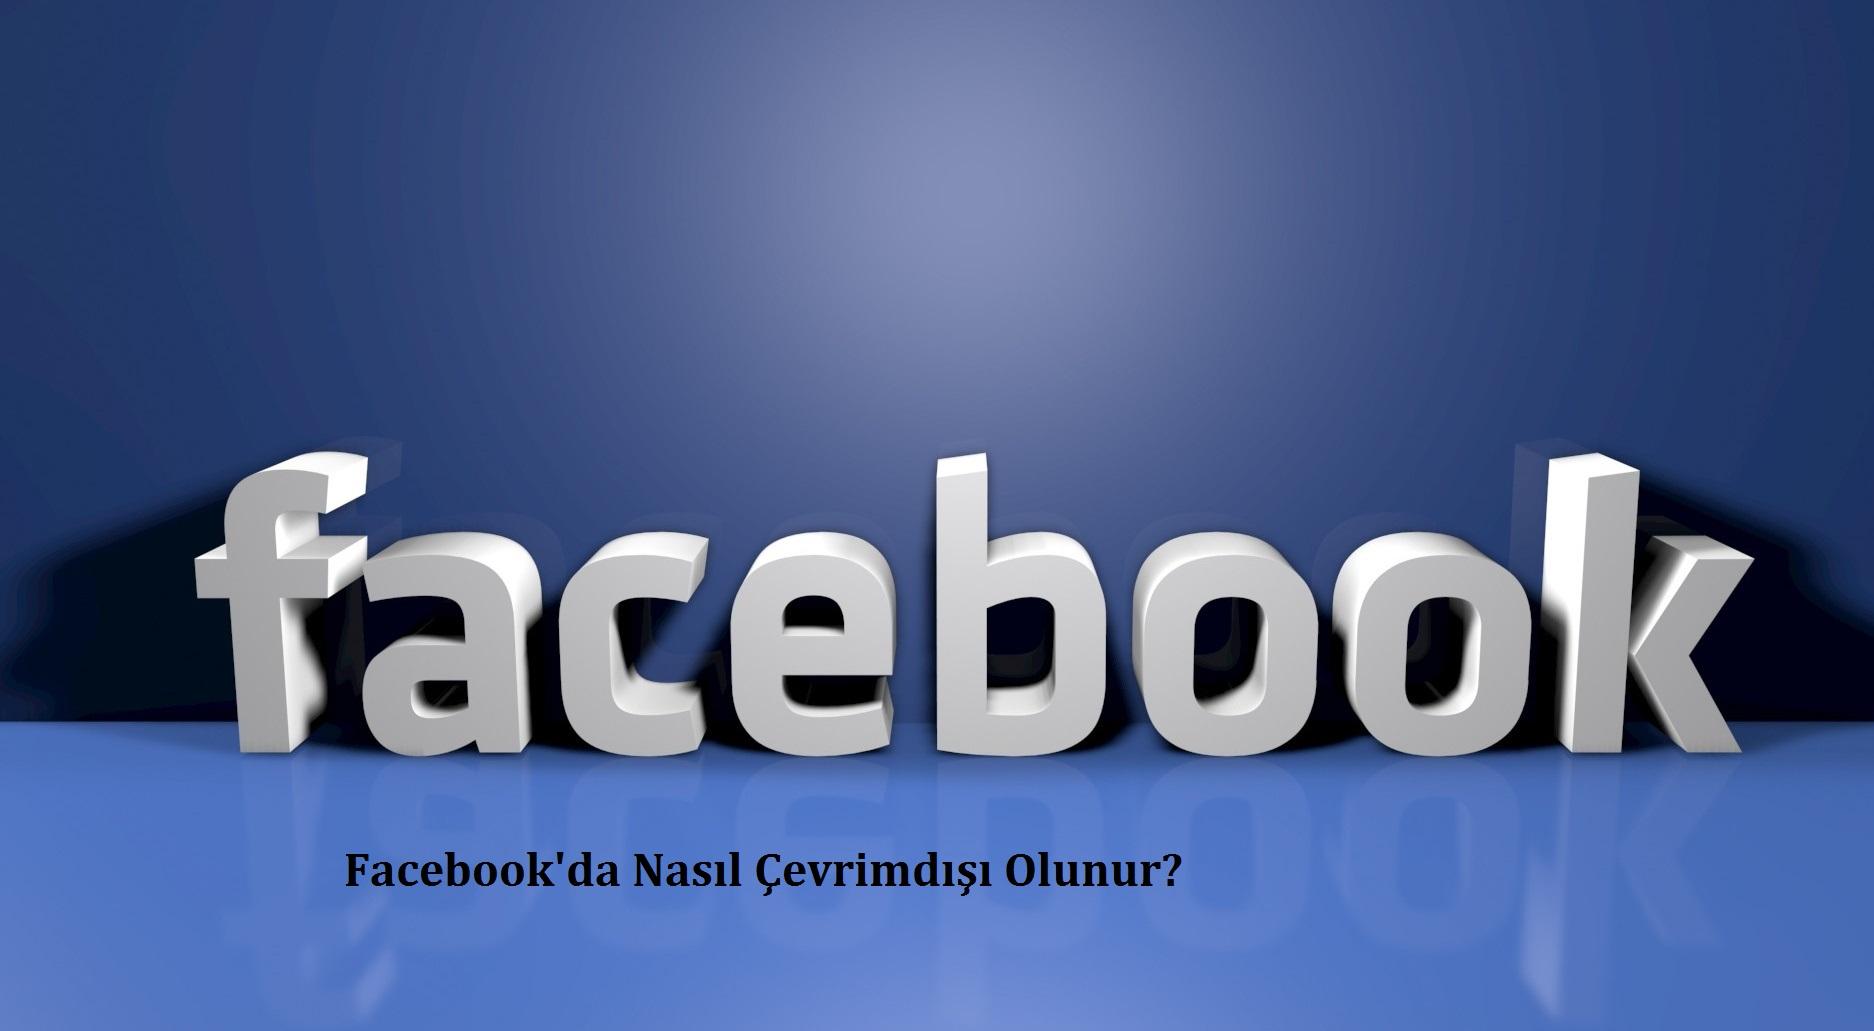 Facebookda-Nasil-Cevrimdisi-Olunur